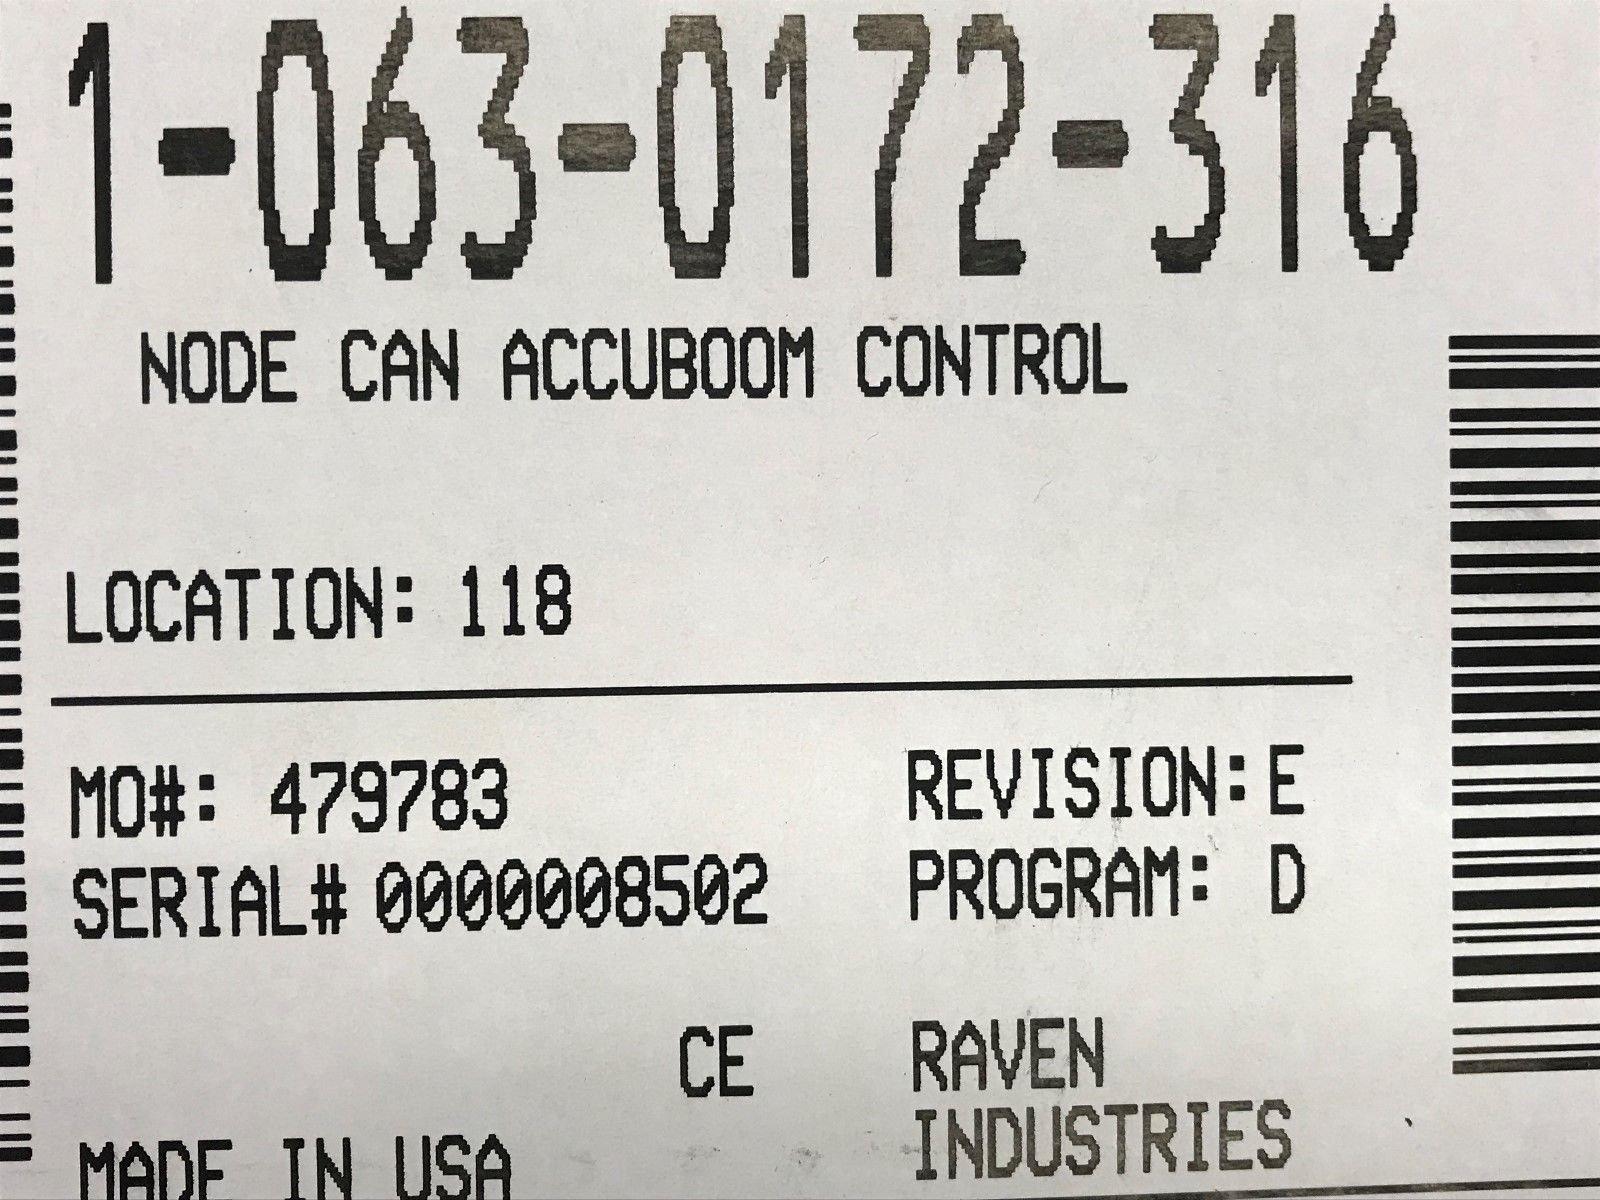 063-0172-316 Raven Node Can Accuboom Control